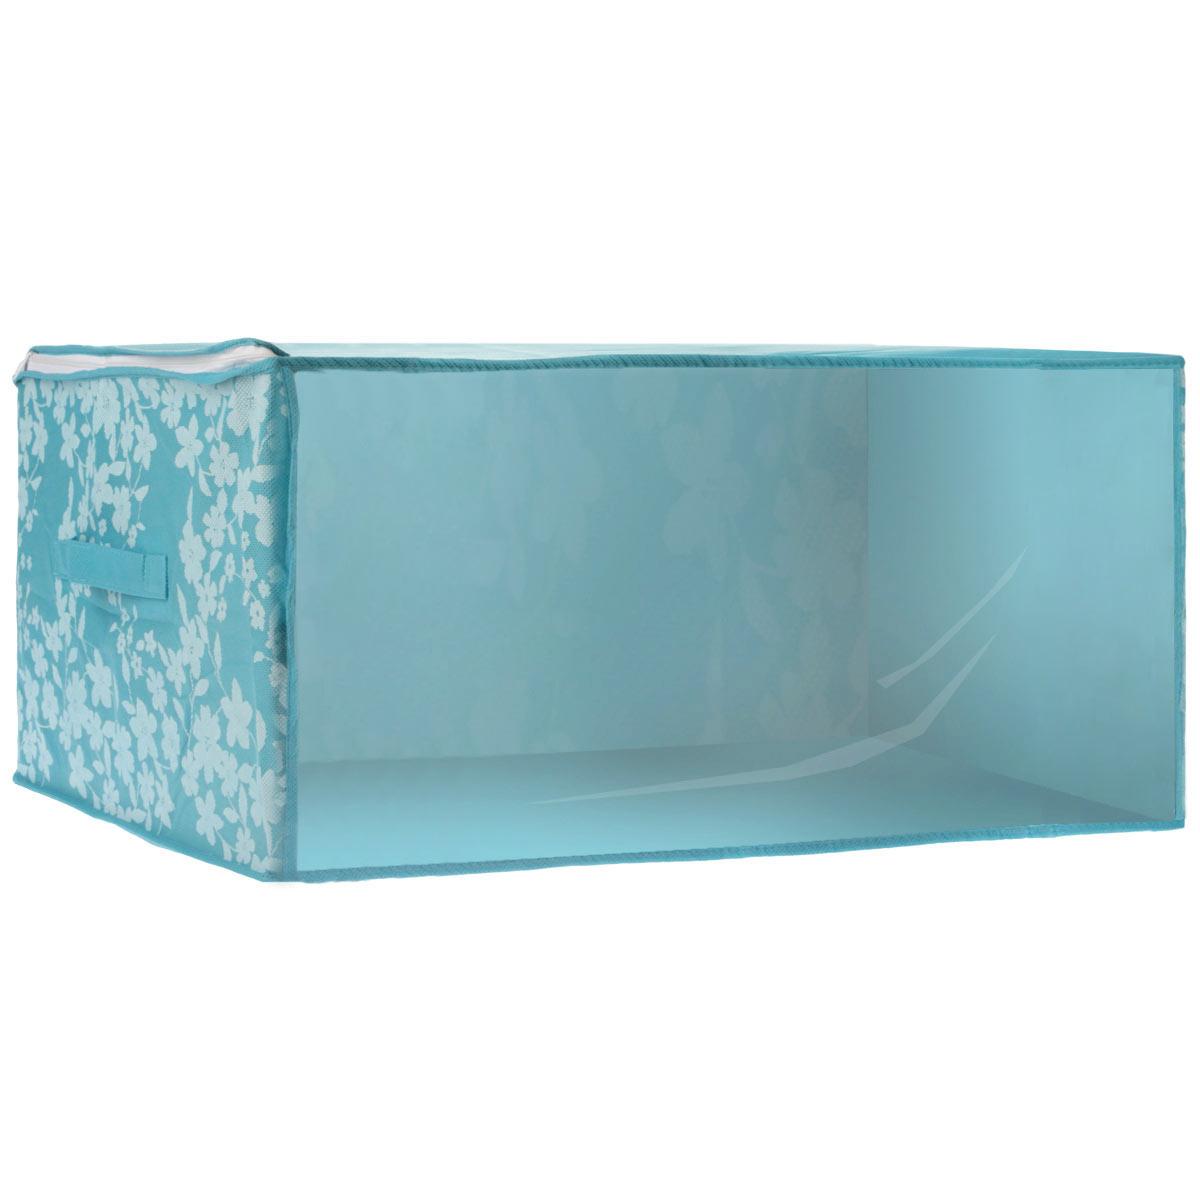 Чехол для хранения одеял Voila Спринг, цвет: бирюзовый, 45 см х 45 см х 20 смZ-0307Складывающийся чехол Voila Спринг из дышащего нетканого волокна, предназначен для хранения, транспортировки и переноски больших двуспальных пуховых одеял. Имеет прозрачное окно и замок по периметру чехла, а также ручку для переноски. Материал можно протирать в случае загрязнения влажной салфеткой или тряпкой. Надежно защищает от пыли, моли, солнечных лучей и загрязнения. Нетканый материал чехла пропускает воздух, что позволяет изделиям дышать. Это особенно необходимо для изделий из натуральных материалов. Благодаря такому чехлу, вещи не впитывают посторонние запахи. Застегивается на молнию.